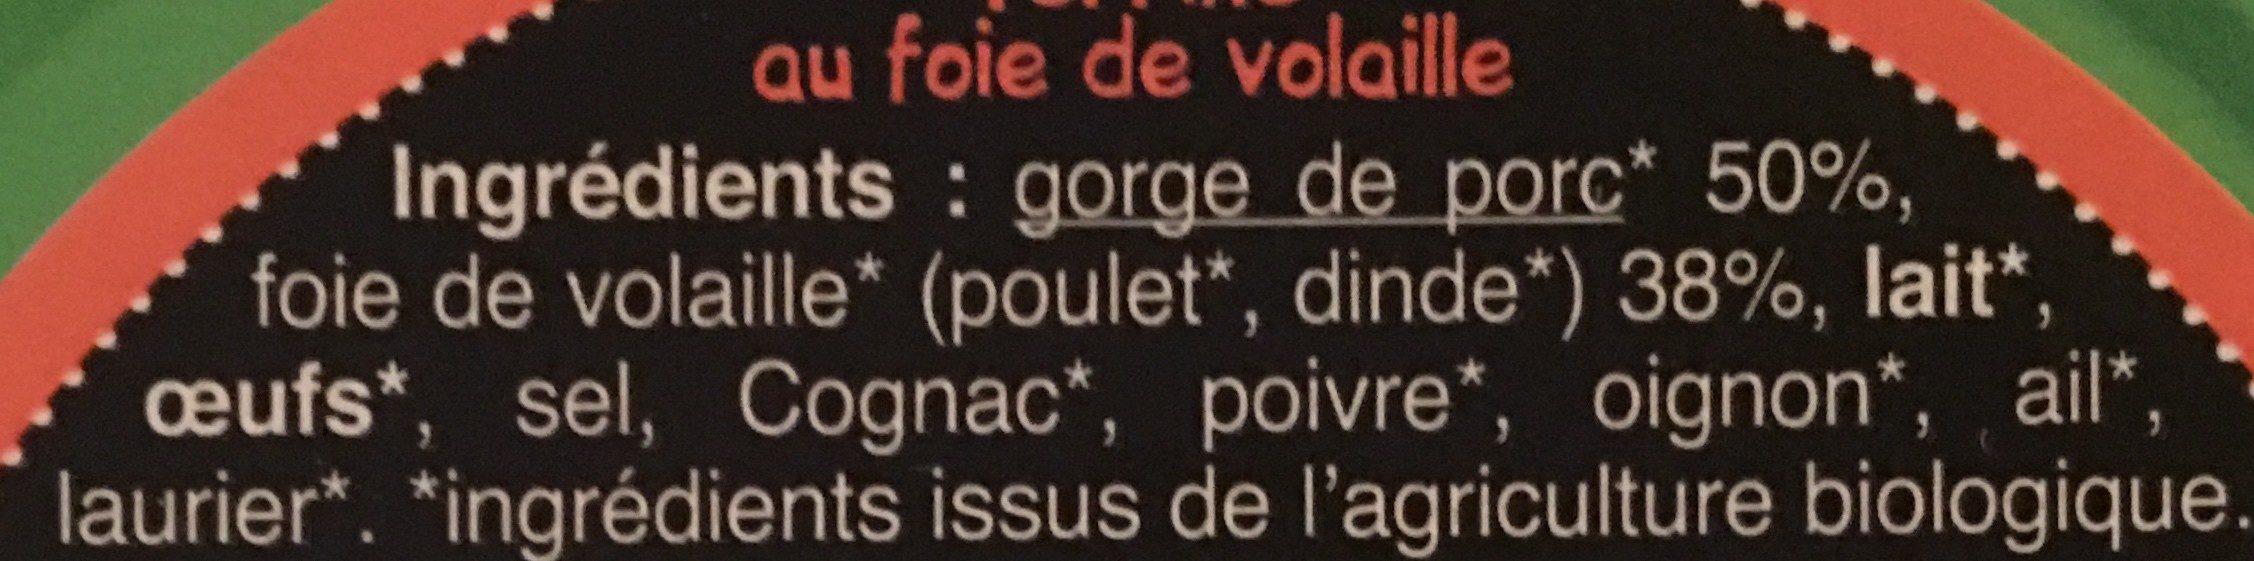 Terrine au foie de volaille - Ingrédients - fr